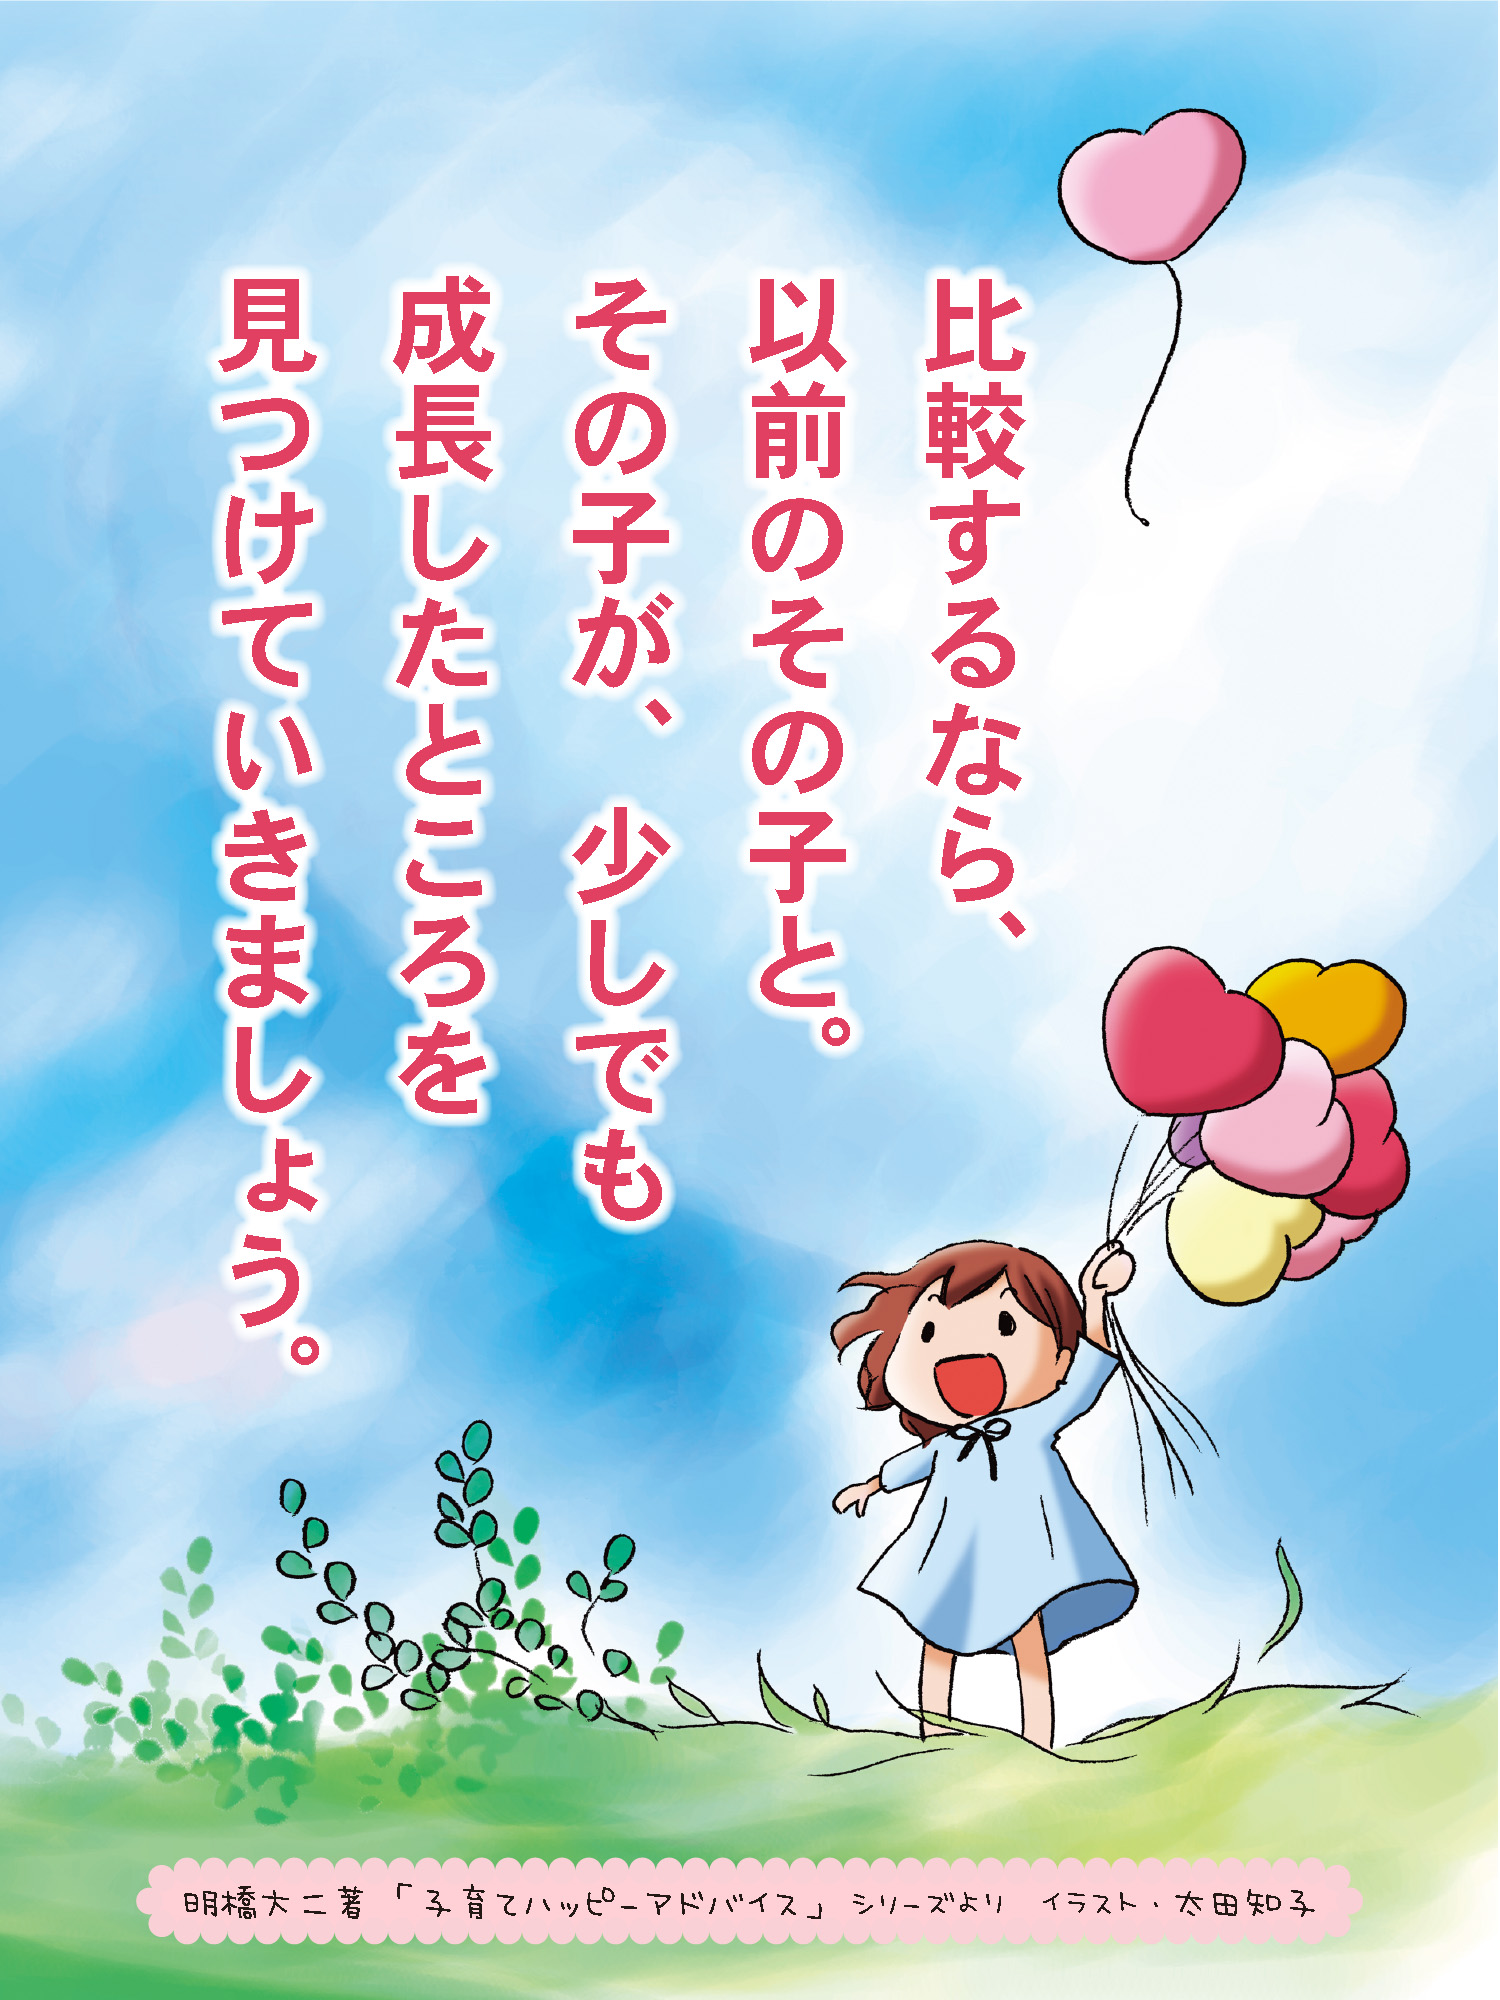 2月21日子育てハッピーメッセージの画像1